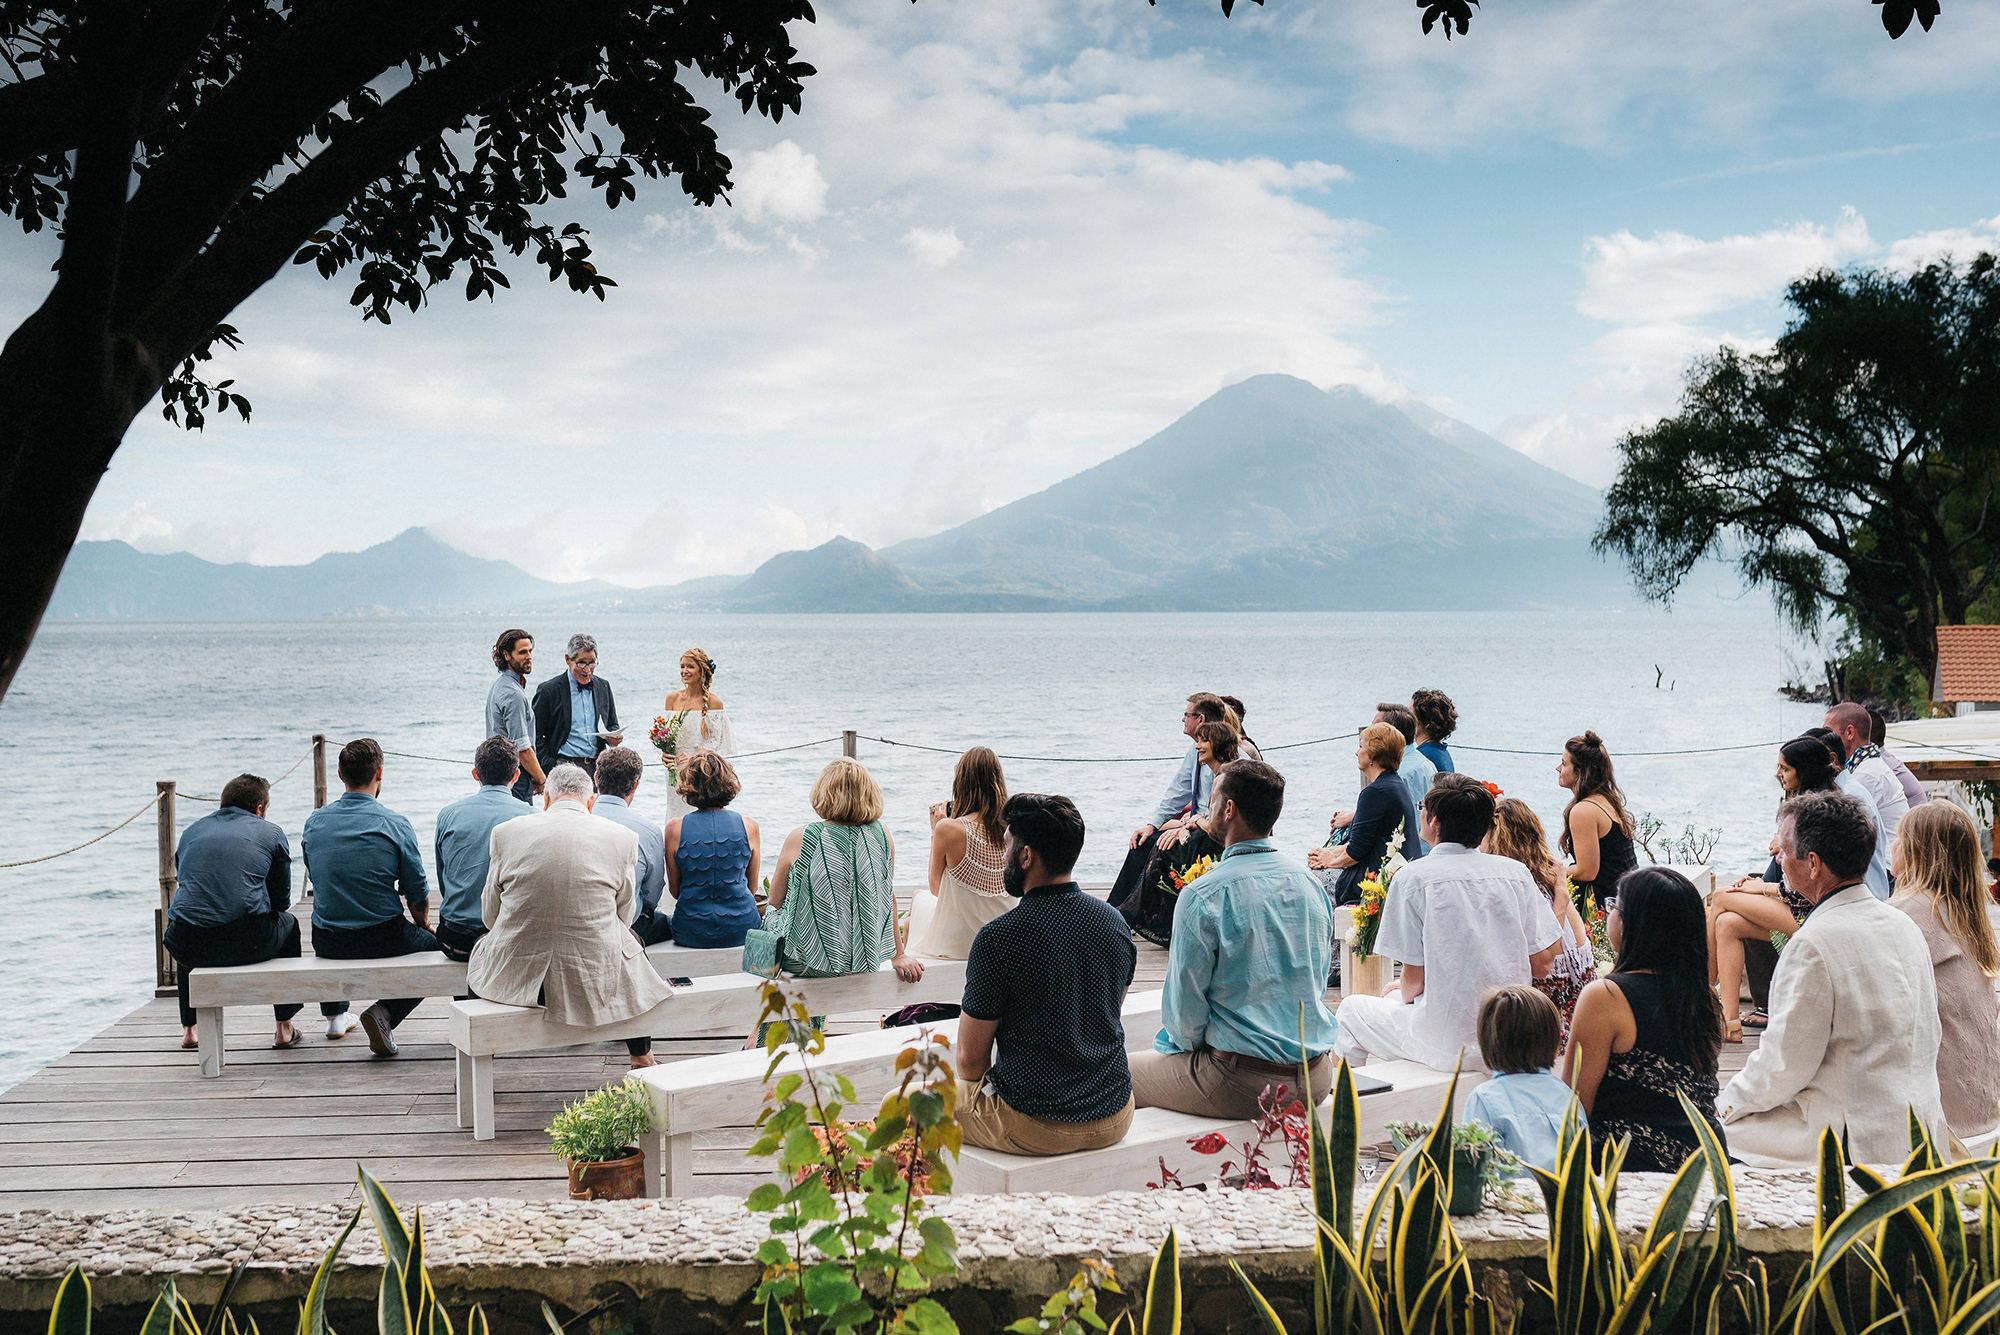 Matrimonio Rustico Santiago : Los 15 mejores lugares para celebrar bodas en lago atitlan en 2018